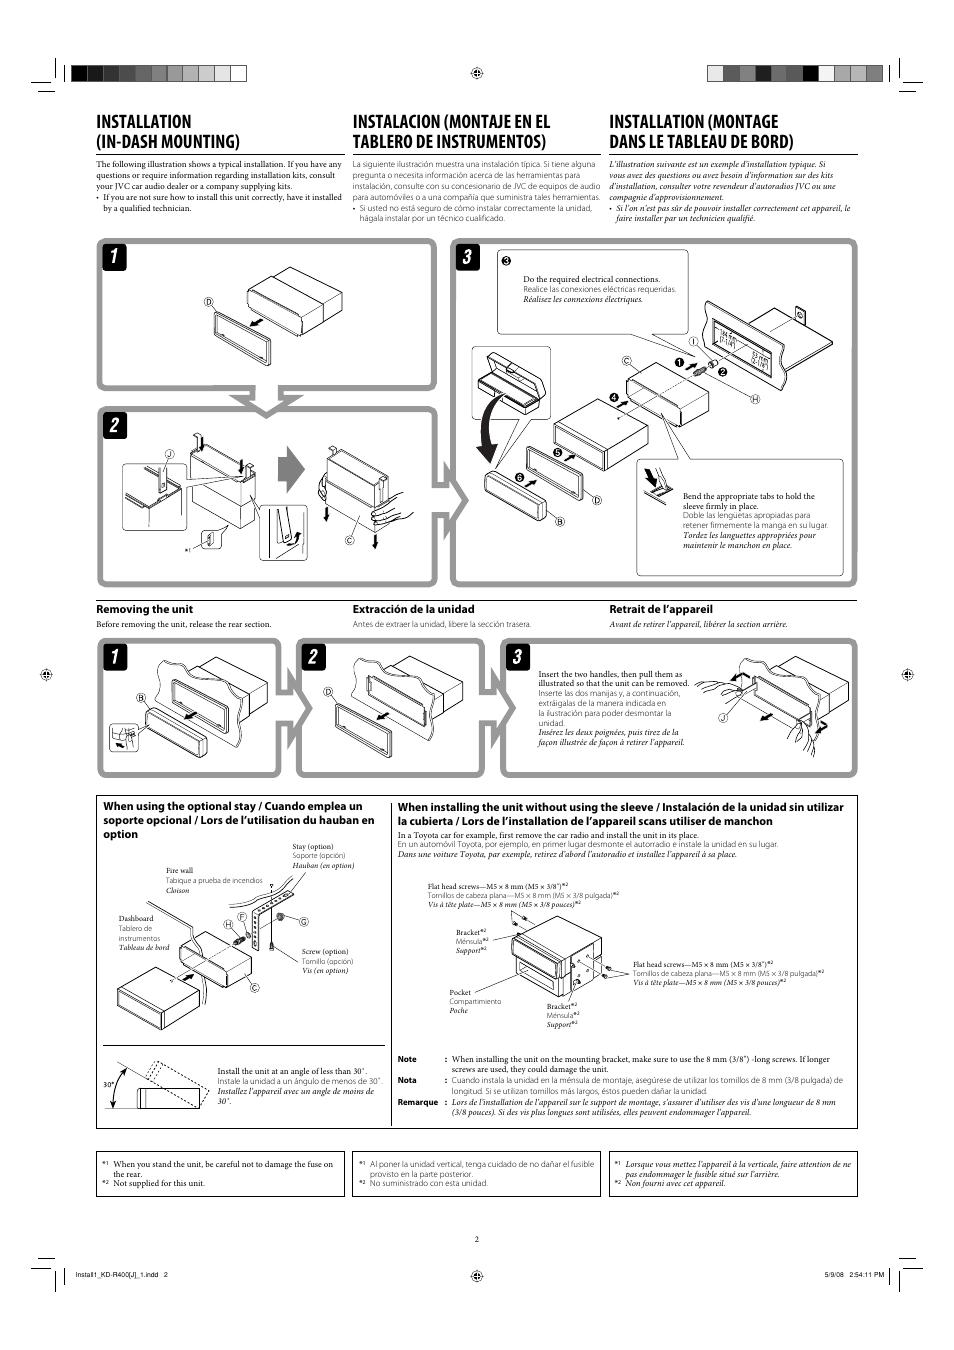 Installation (in-dash mounting), Installation (montage dans